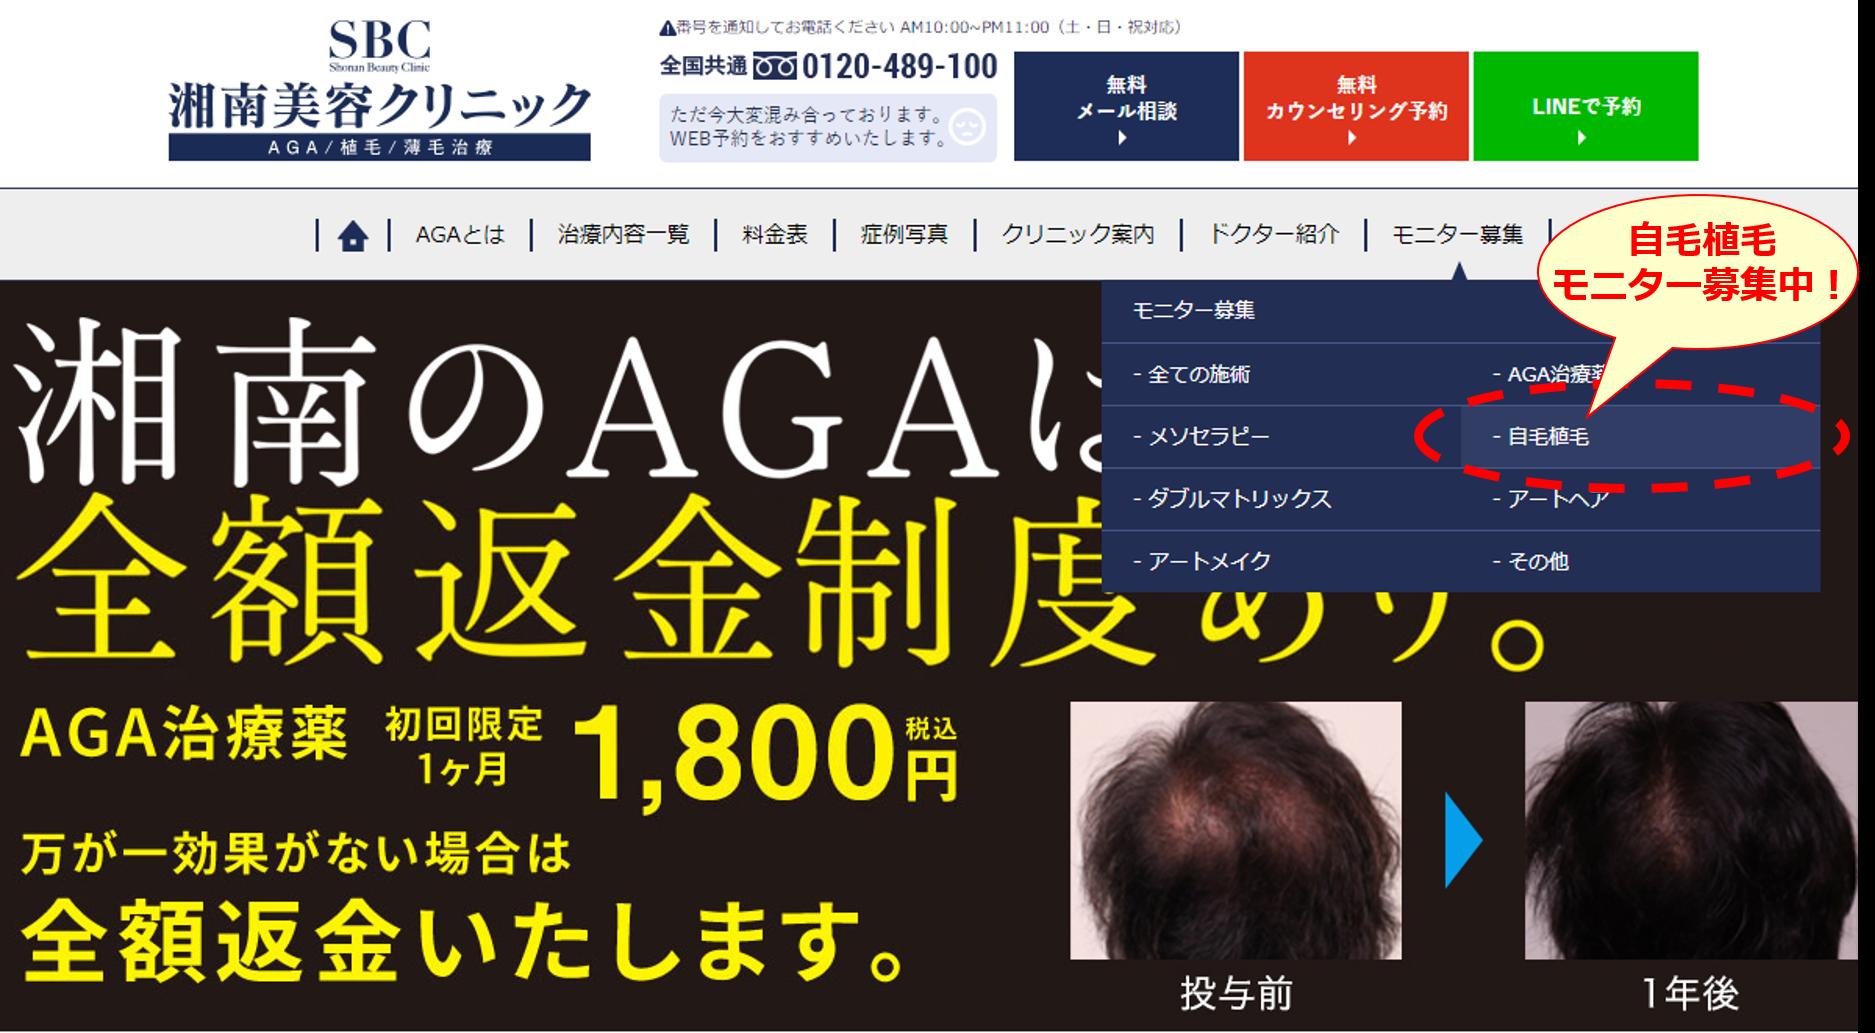 自毛植毛、AGA・薄毛治療の「湘南美容クリニック」では自毛植毛モニター募集中